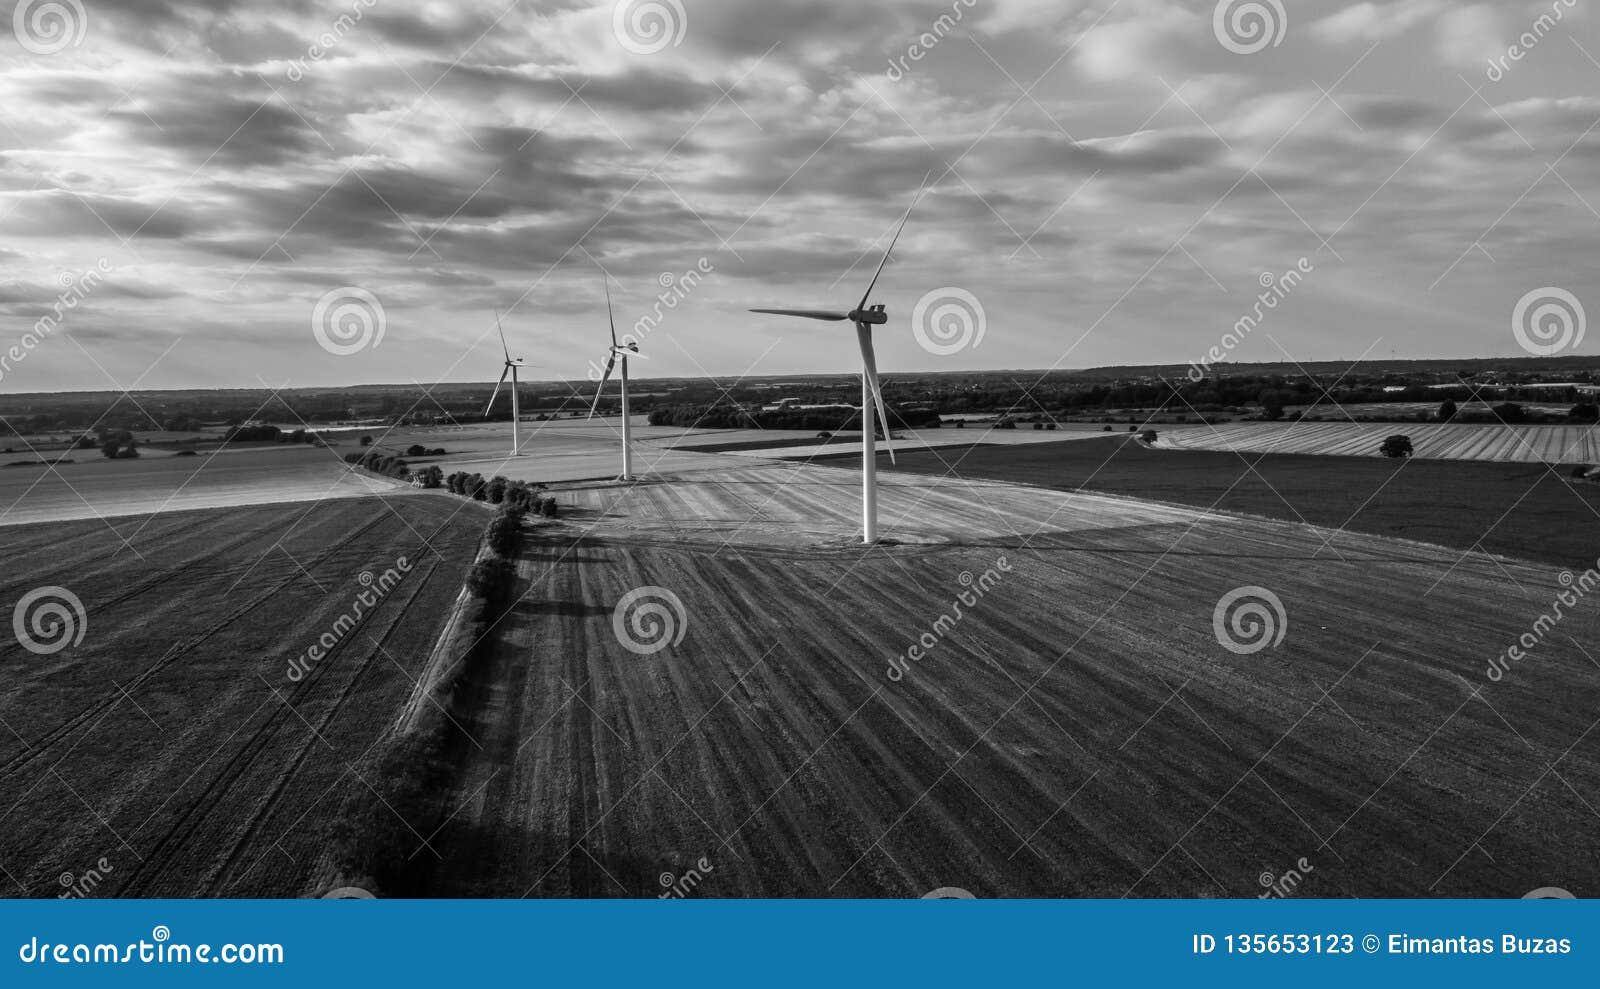 Exploração agrícola de vento do contraste alto em preto e branco